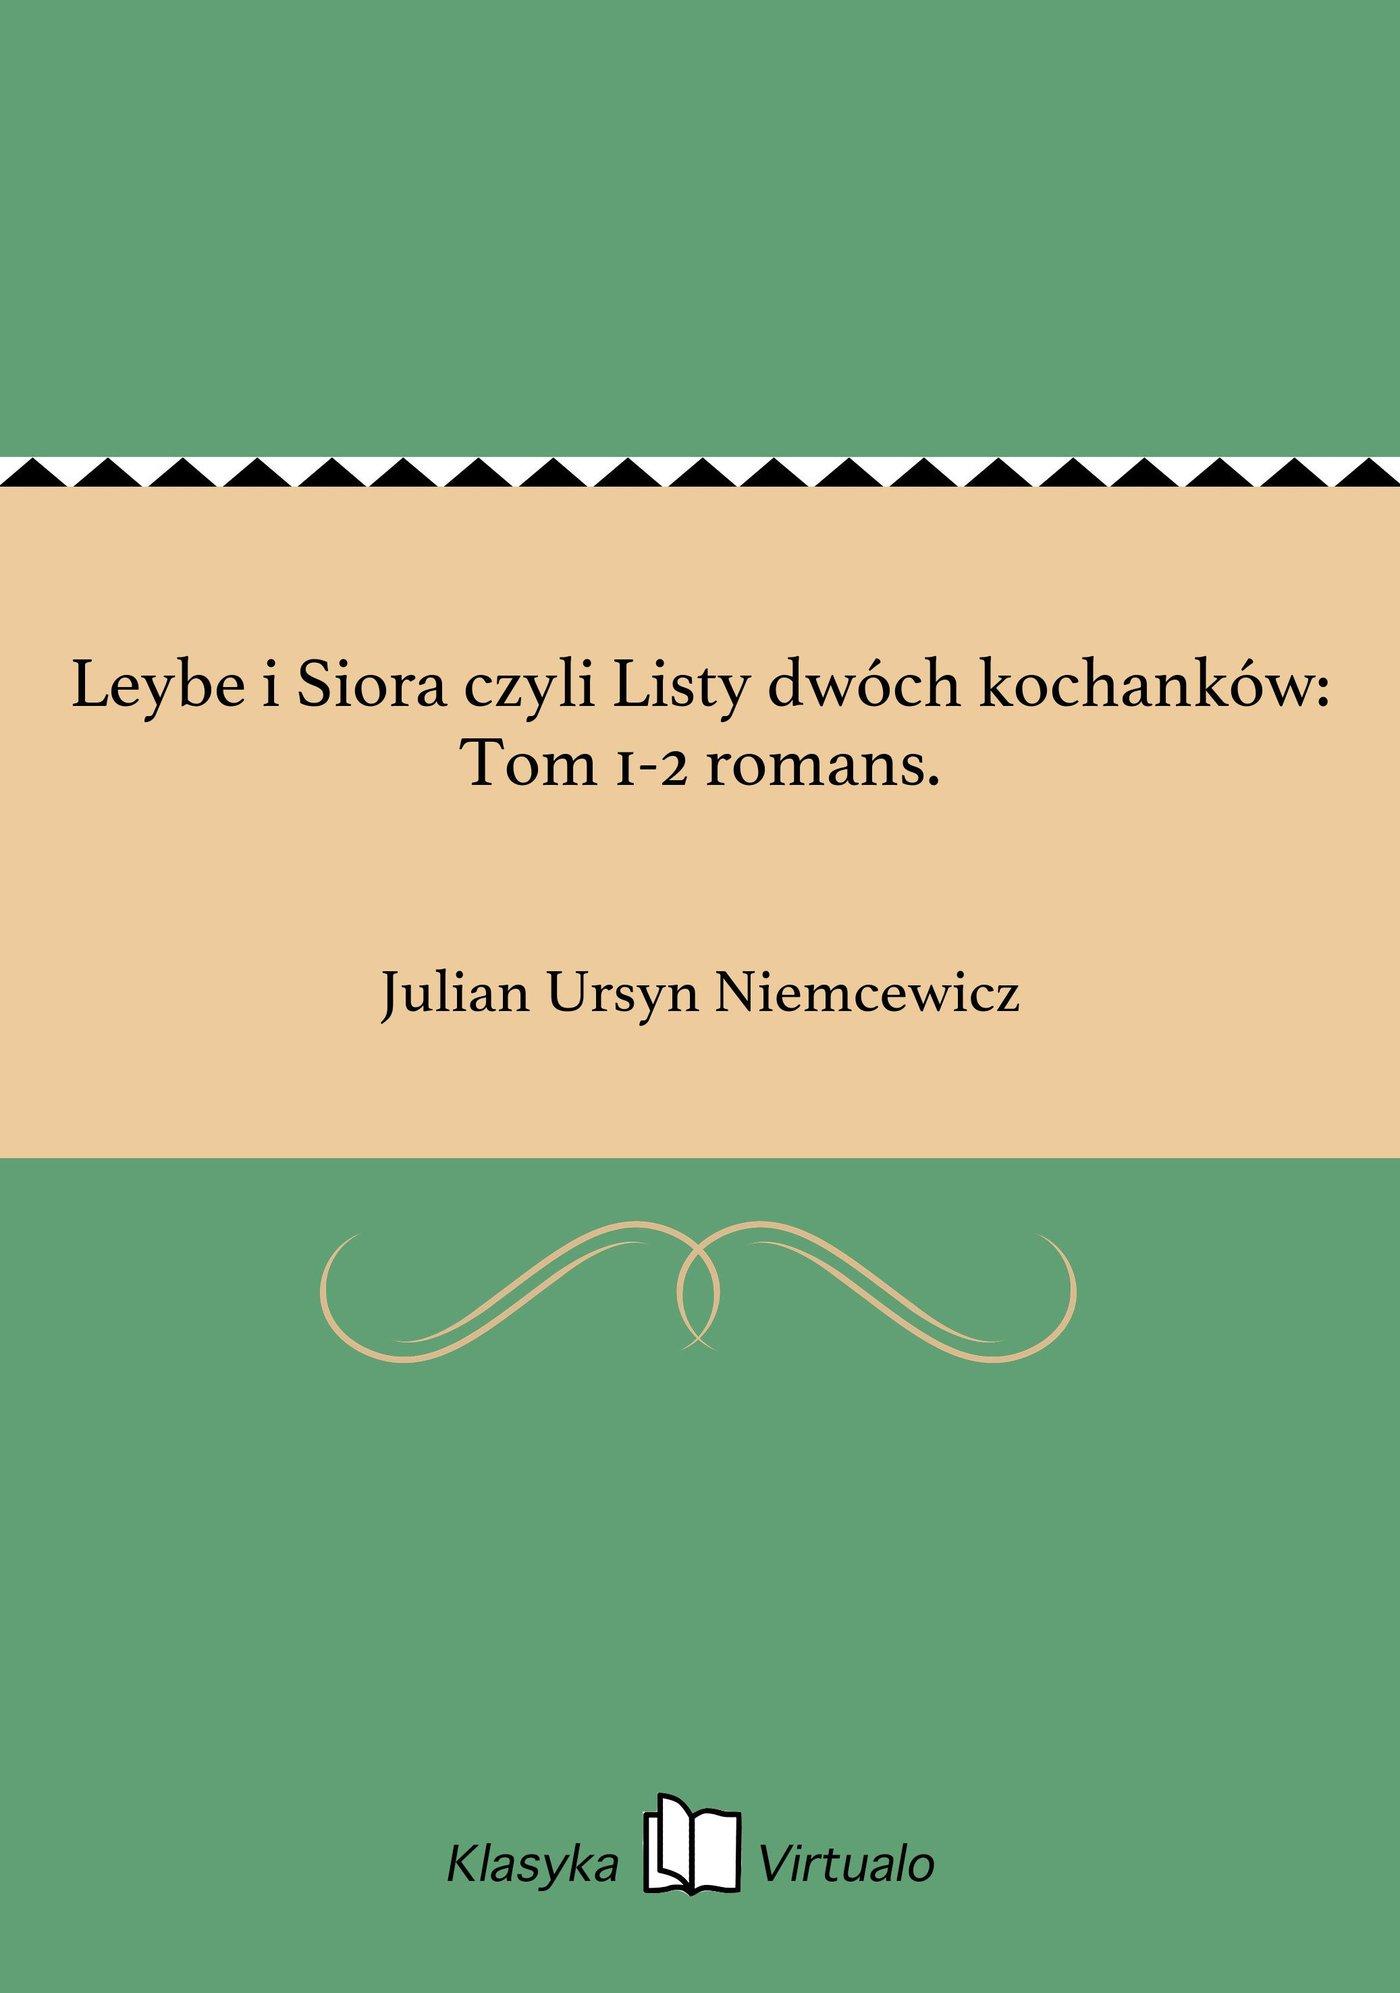 Leybe i Siora czyli Listy dwóch kochanków: Tom 1-2 romans. - Ebook (Książka EPUB) do pobrania w formacie EPUB